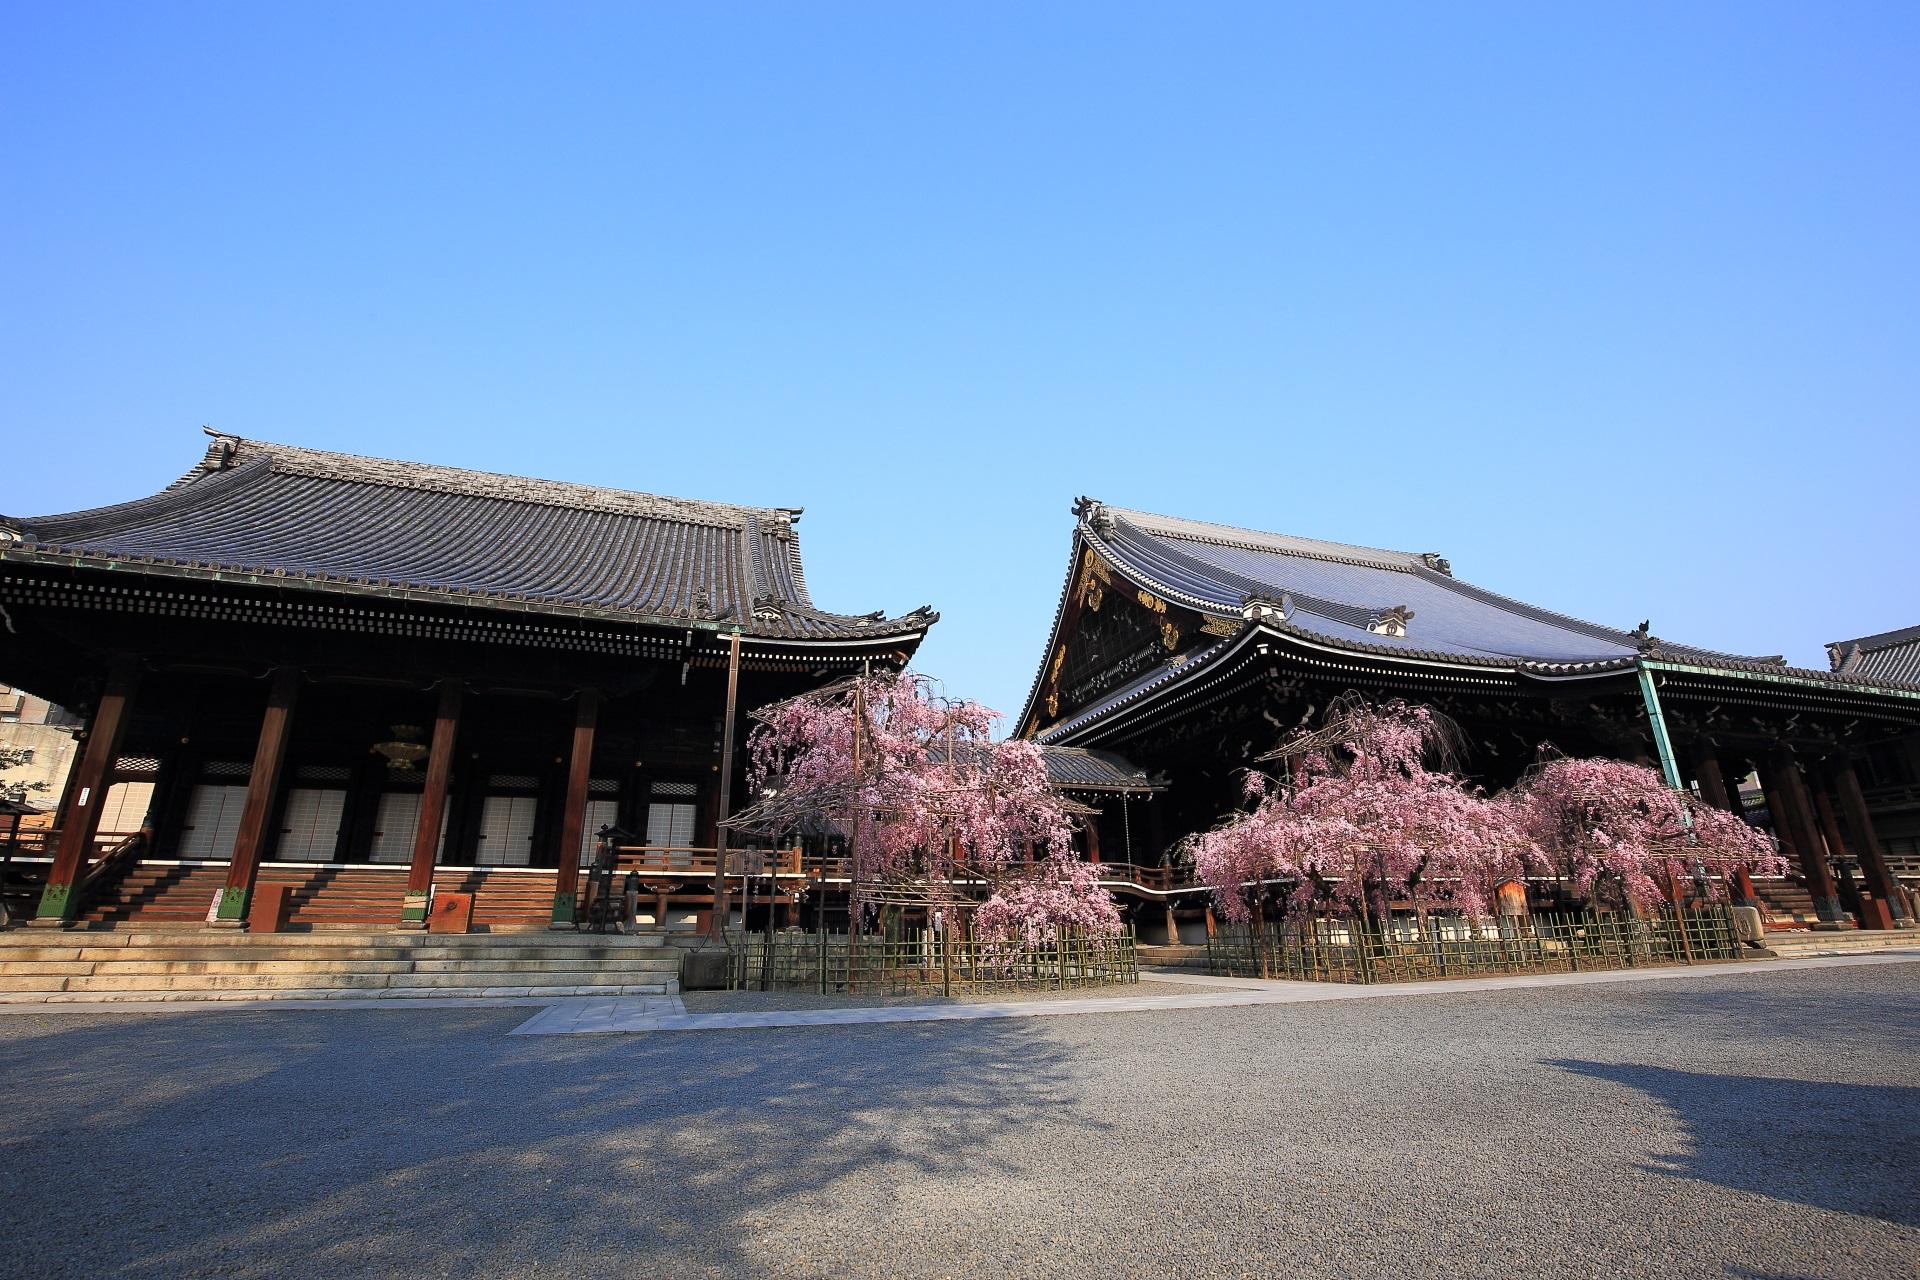 仏光寺の素晴らしい桜と青空と春の情景